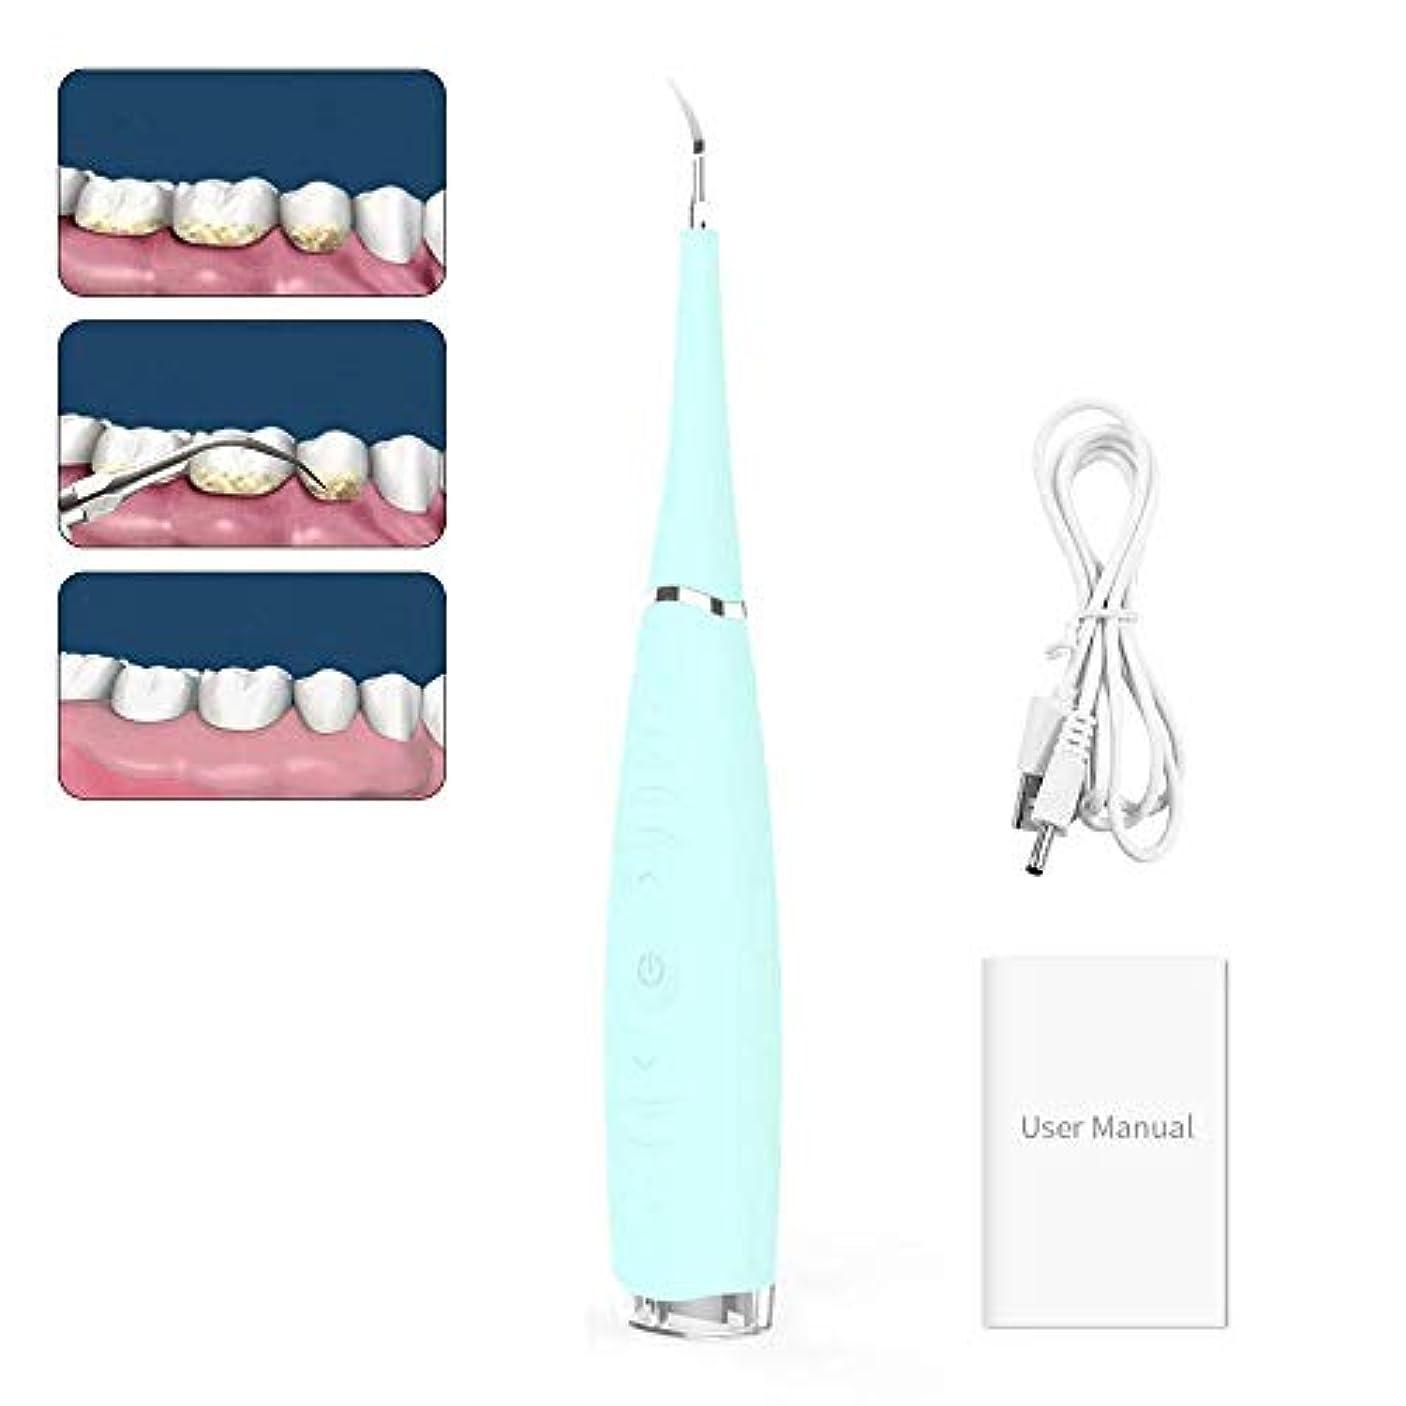 座標団結する弱点電気音波歯石歯垢除去ツールキット - 歯スクレーパー歯石除去クリーナー歯の汚れ、歯垢除去、5調整可能モード